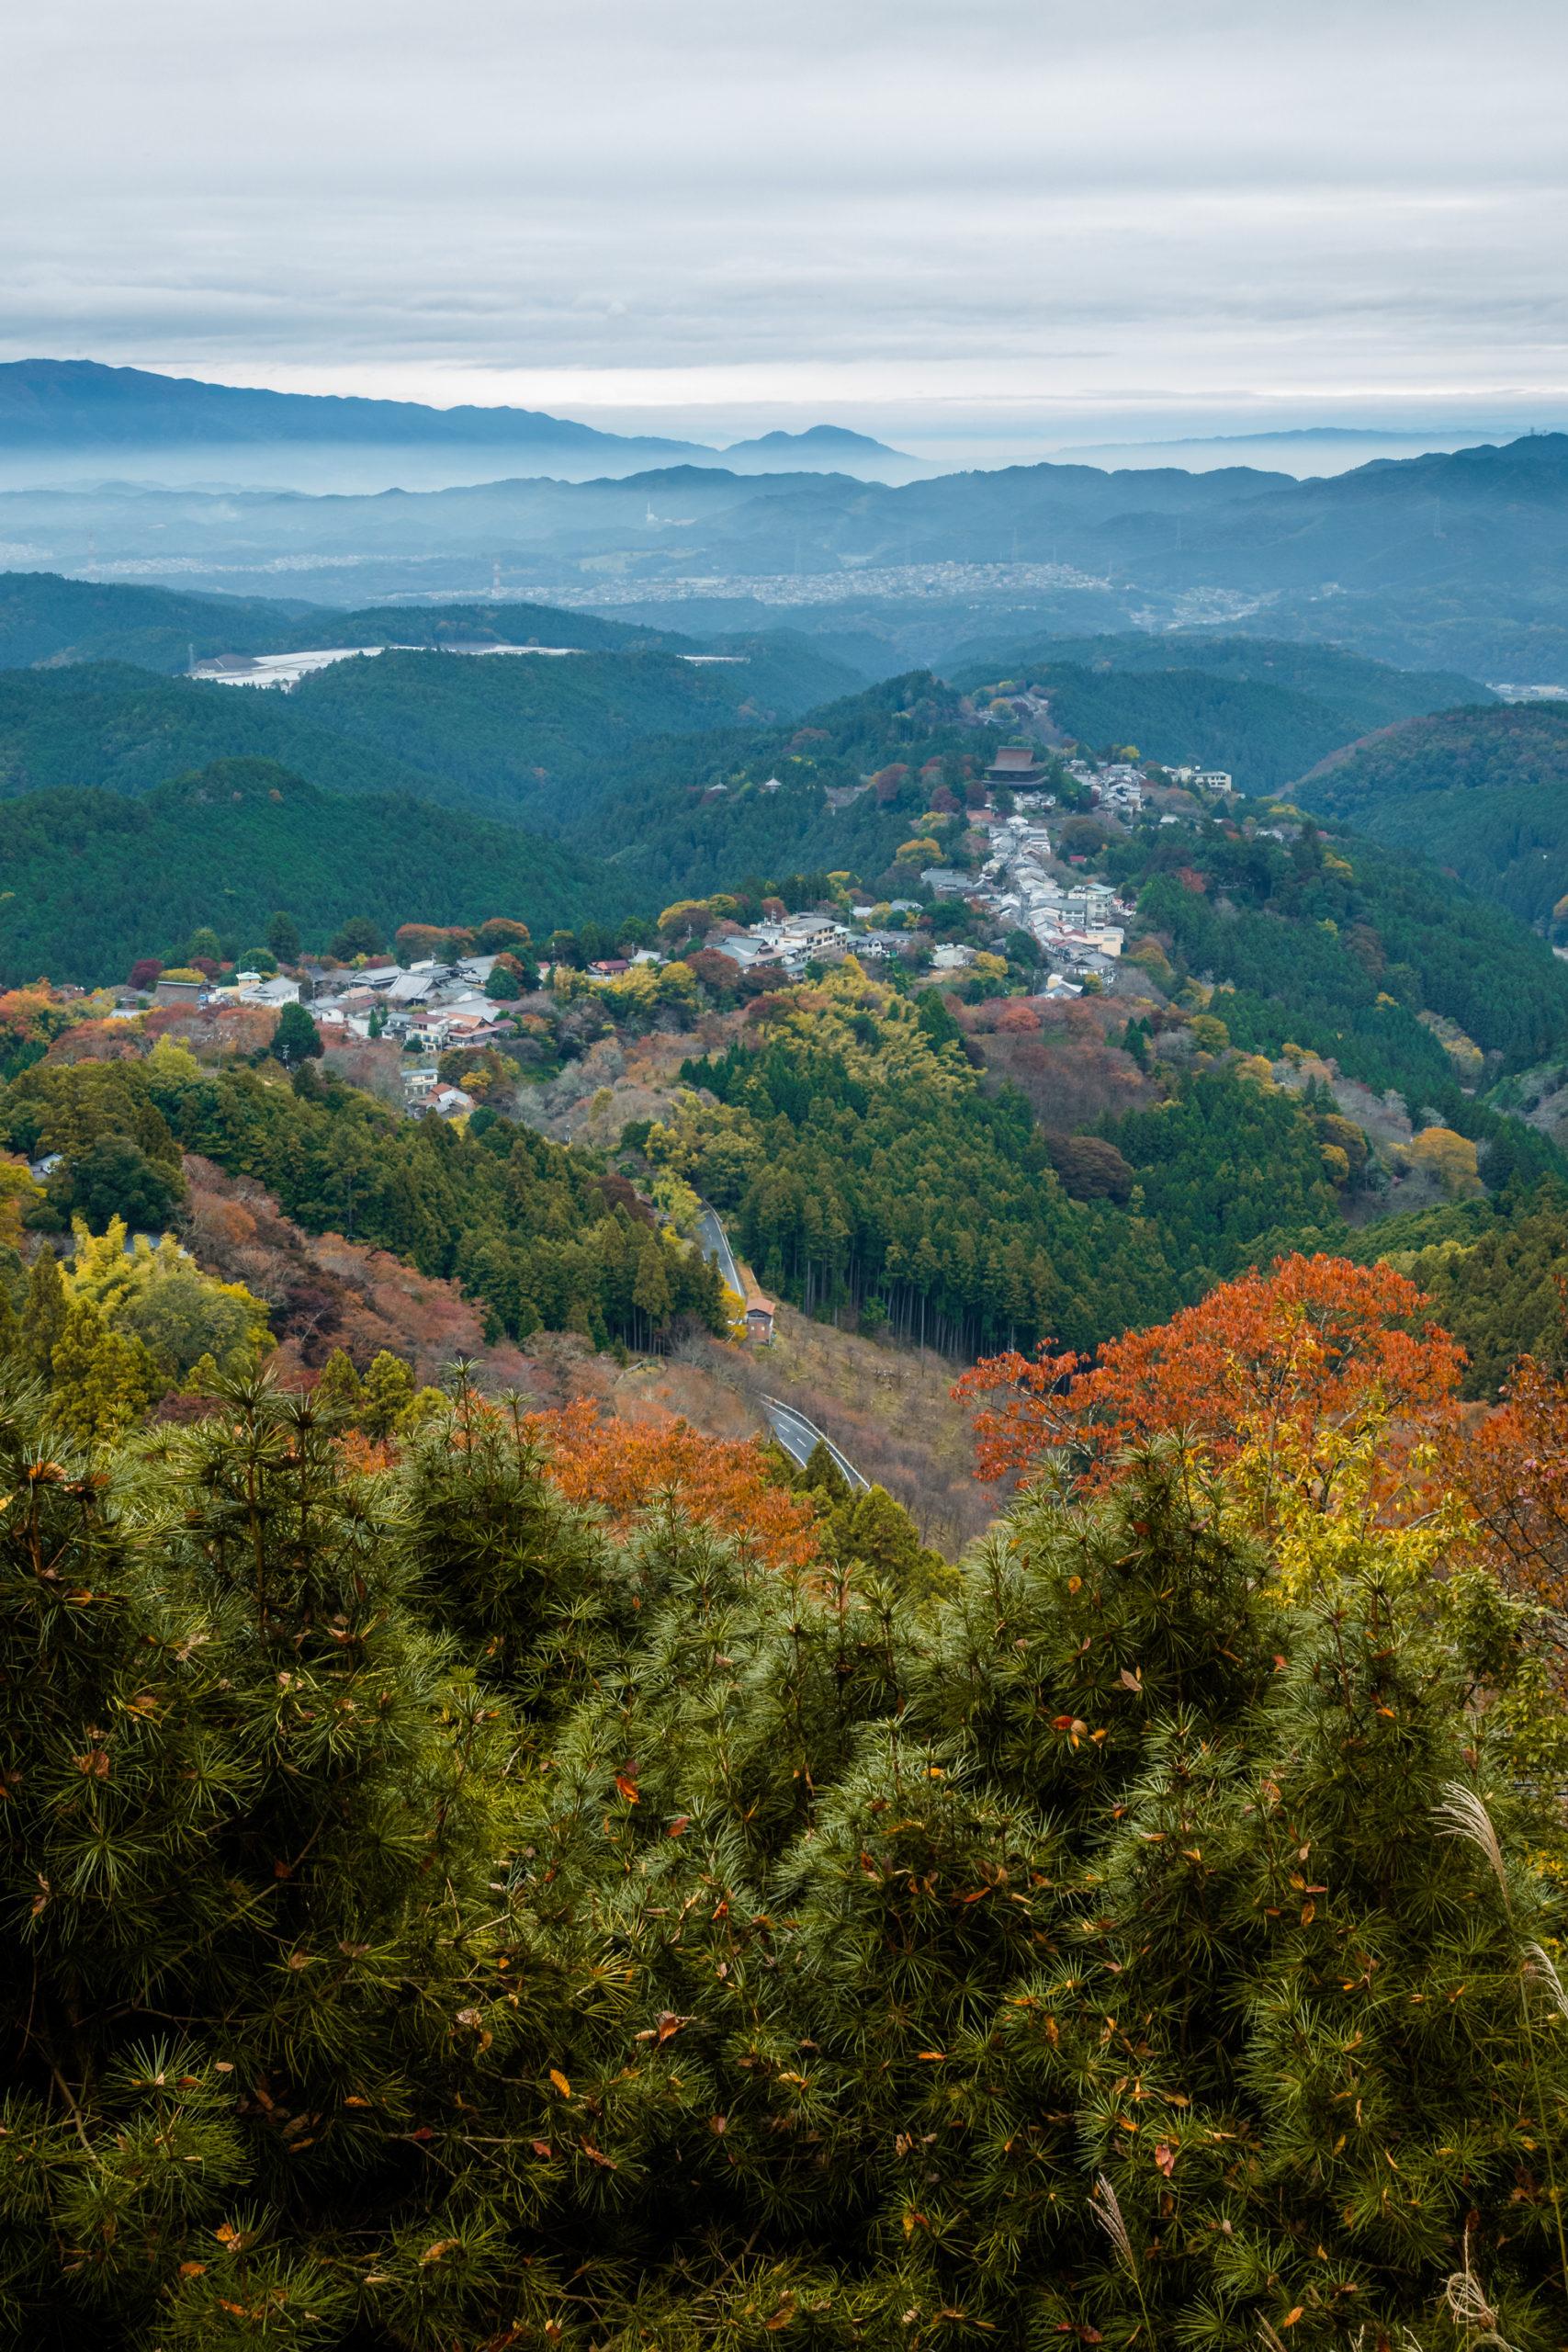 DSC00093-scaled 奈良県  吉野山(山が紅葉に染まる秋におすすめの絶景スポット! 撮影した写真の紹介、アクセス情報や駐車場情報など)